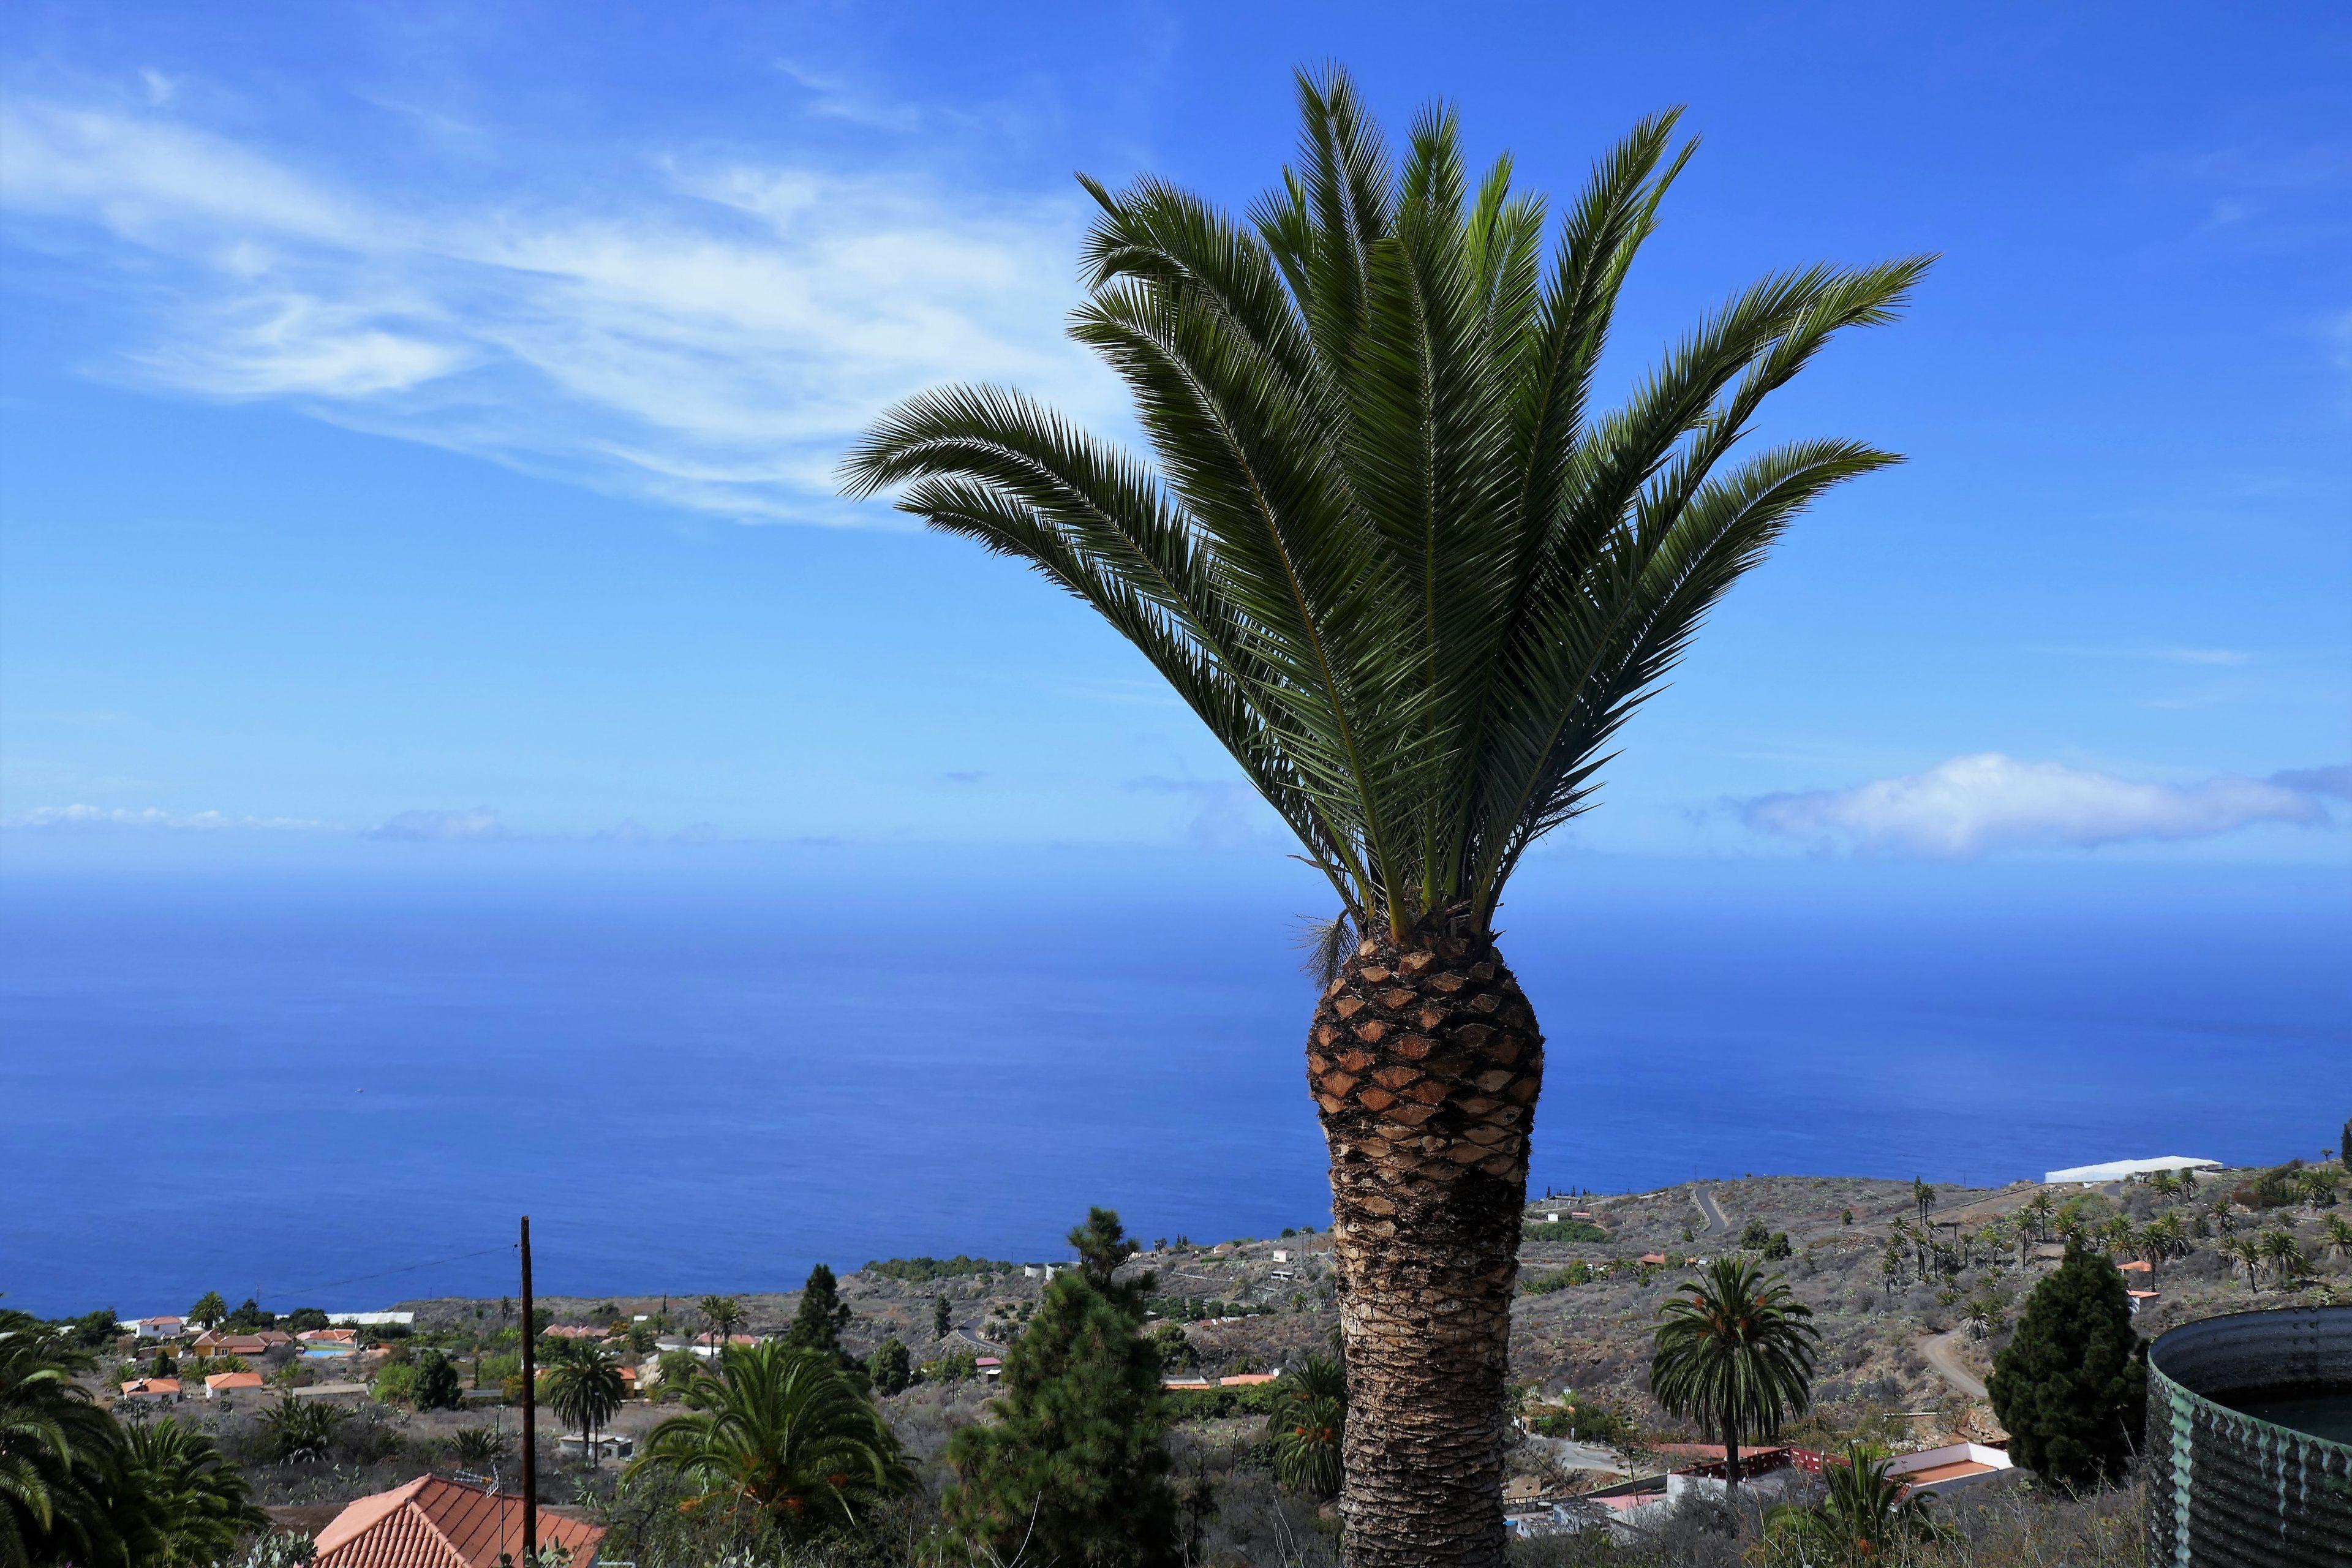 Palm voor de villa.